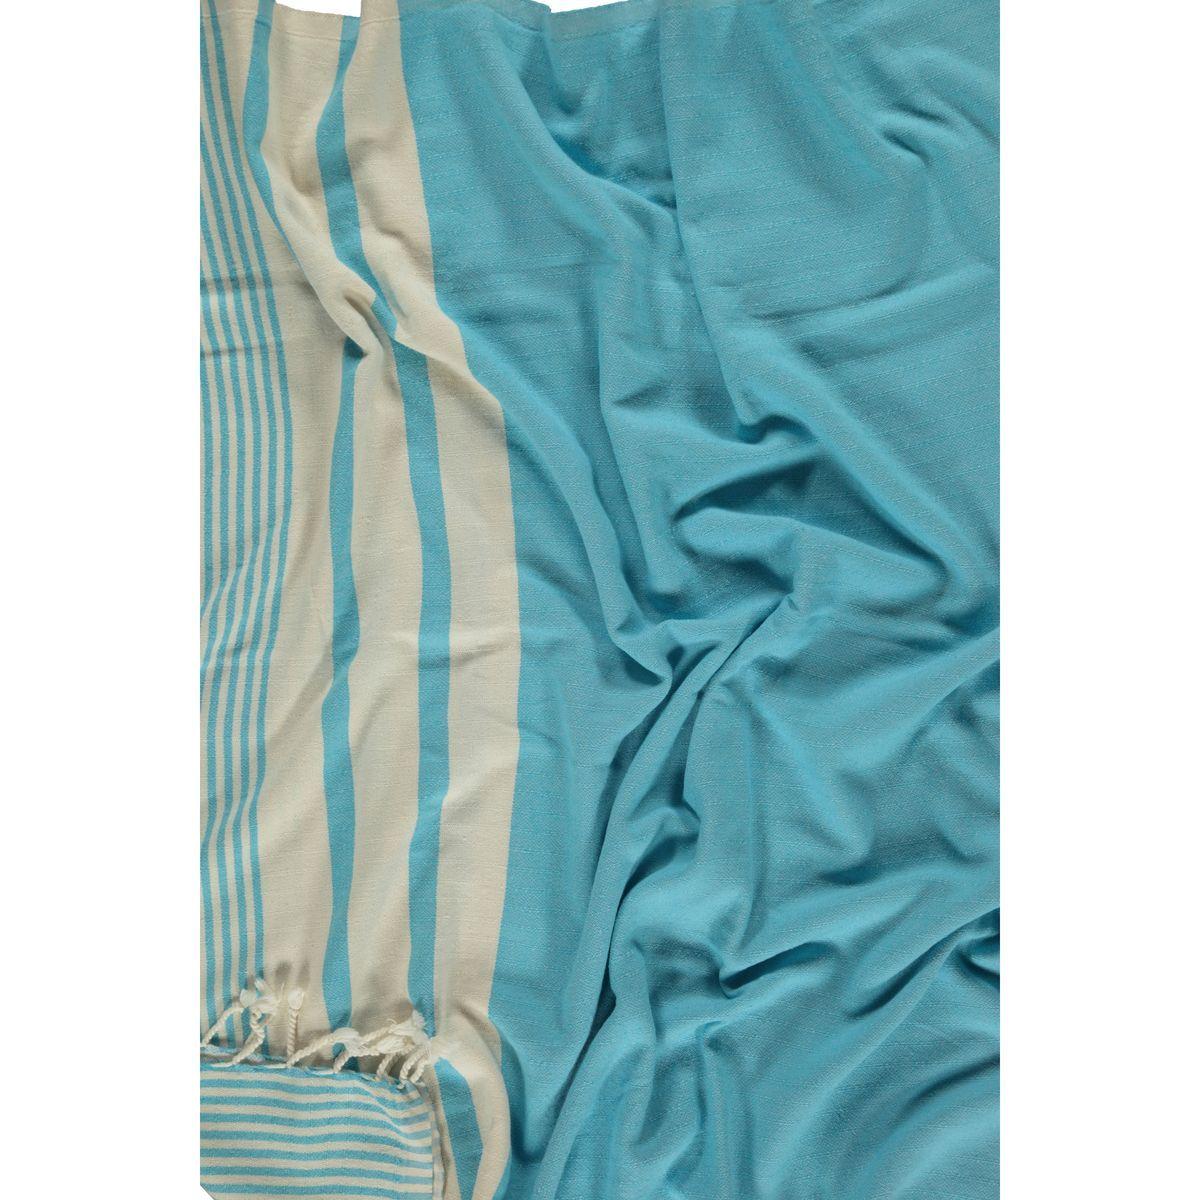 Peshtemal Tabiat - Turquoise